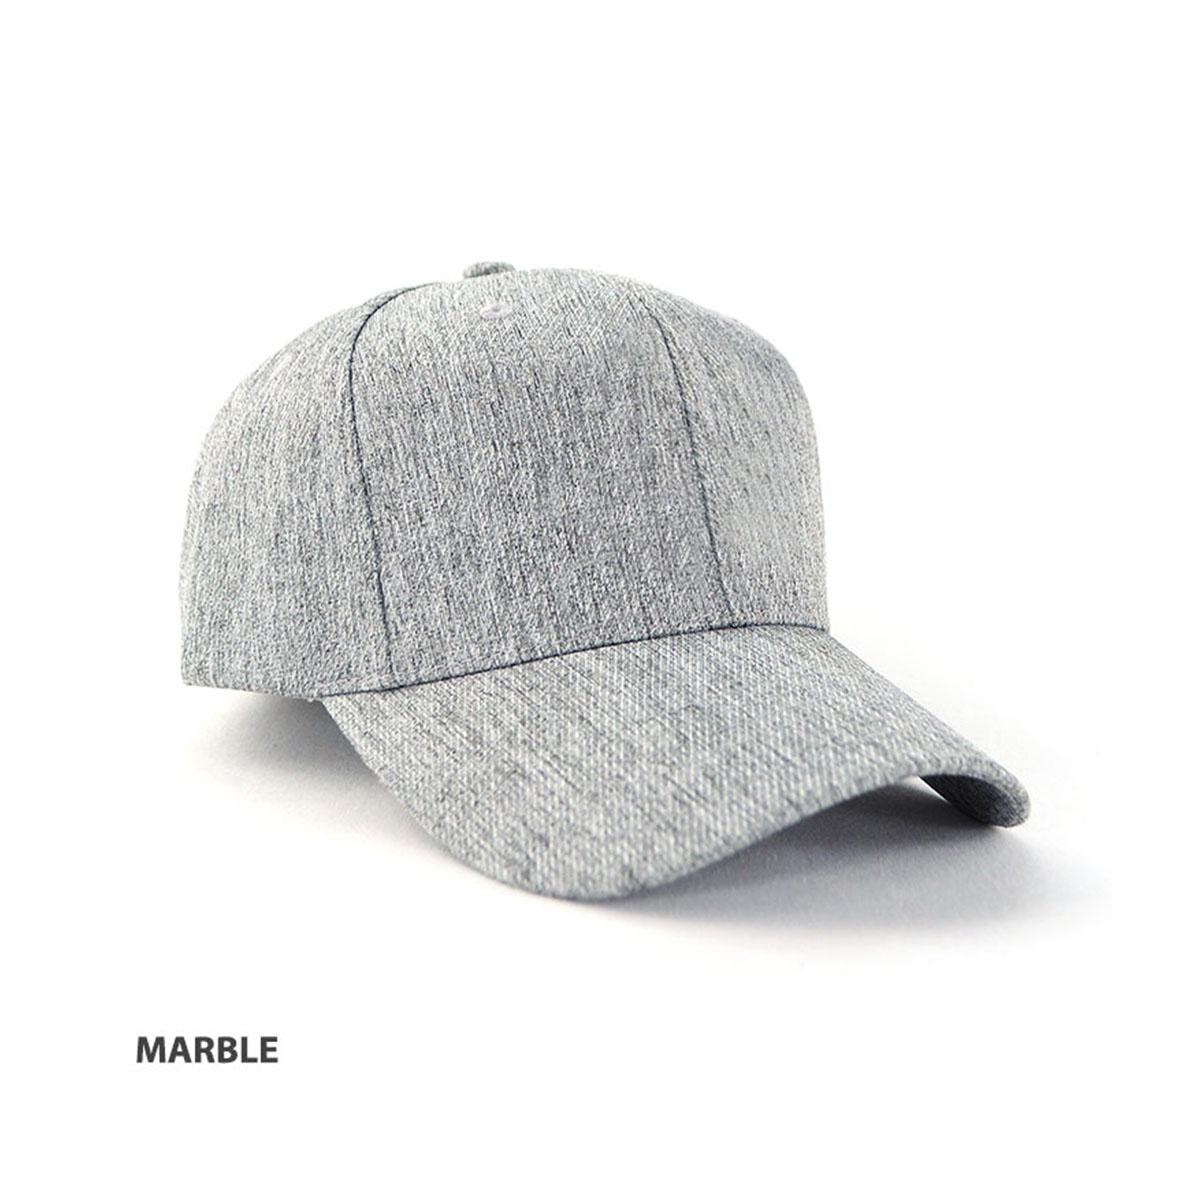 JK Cap-Marble